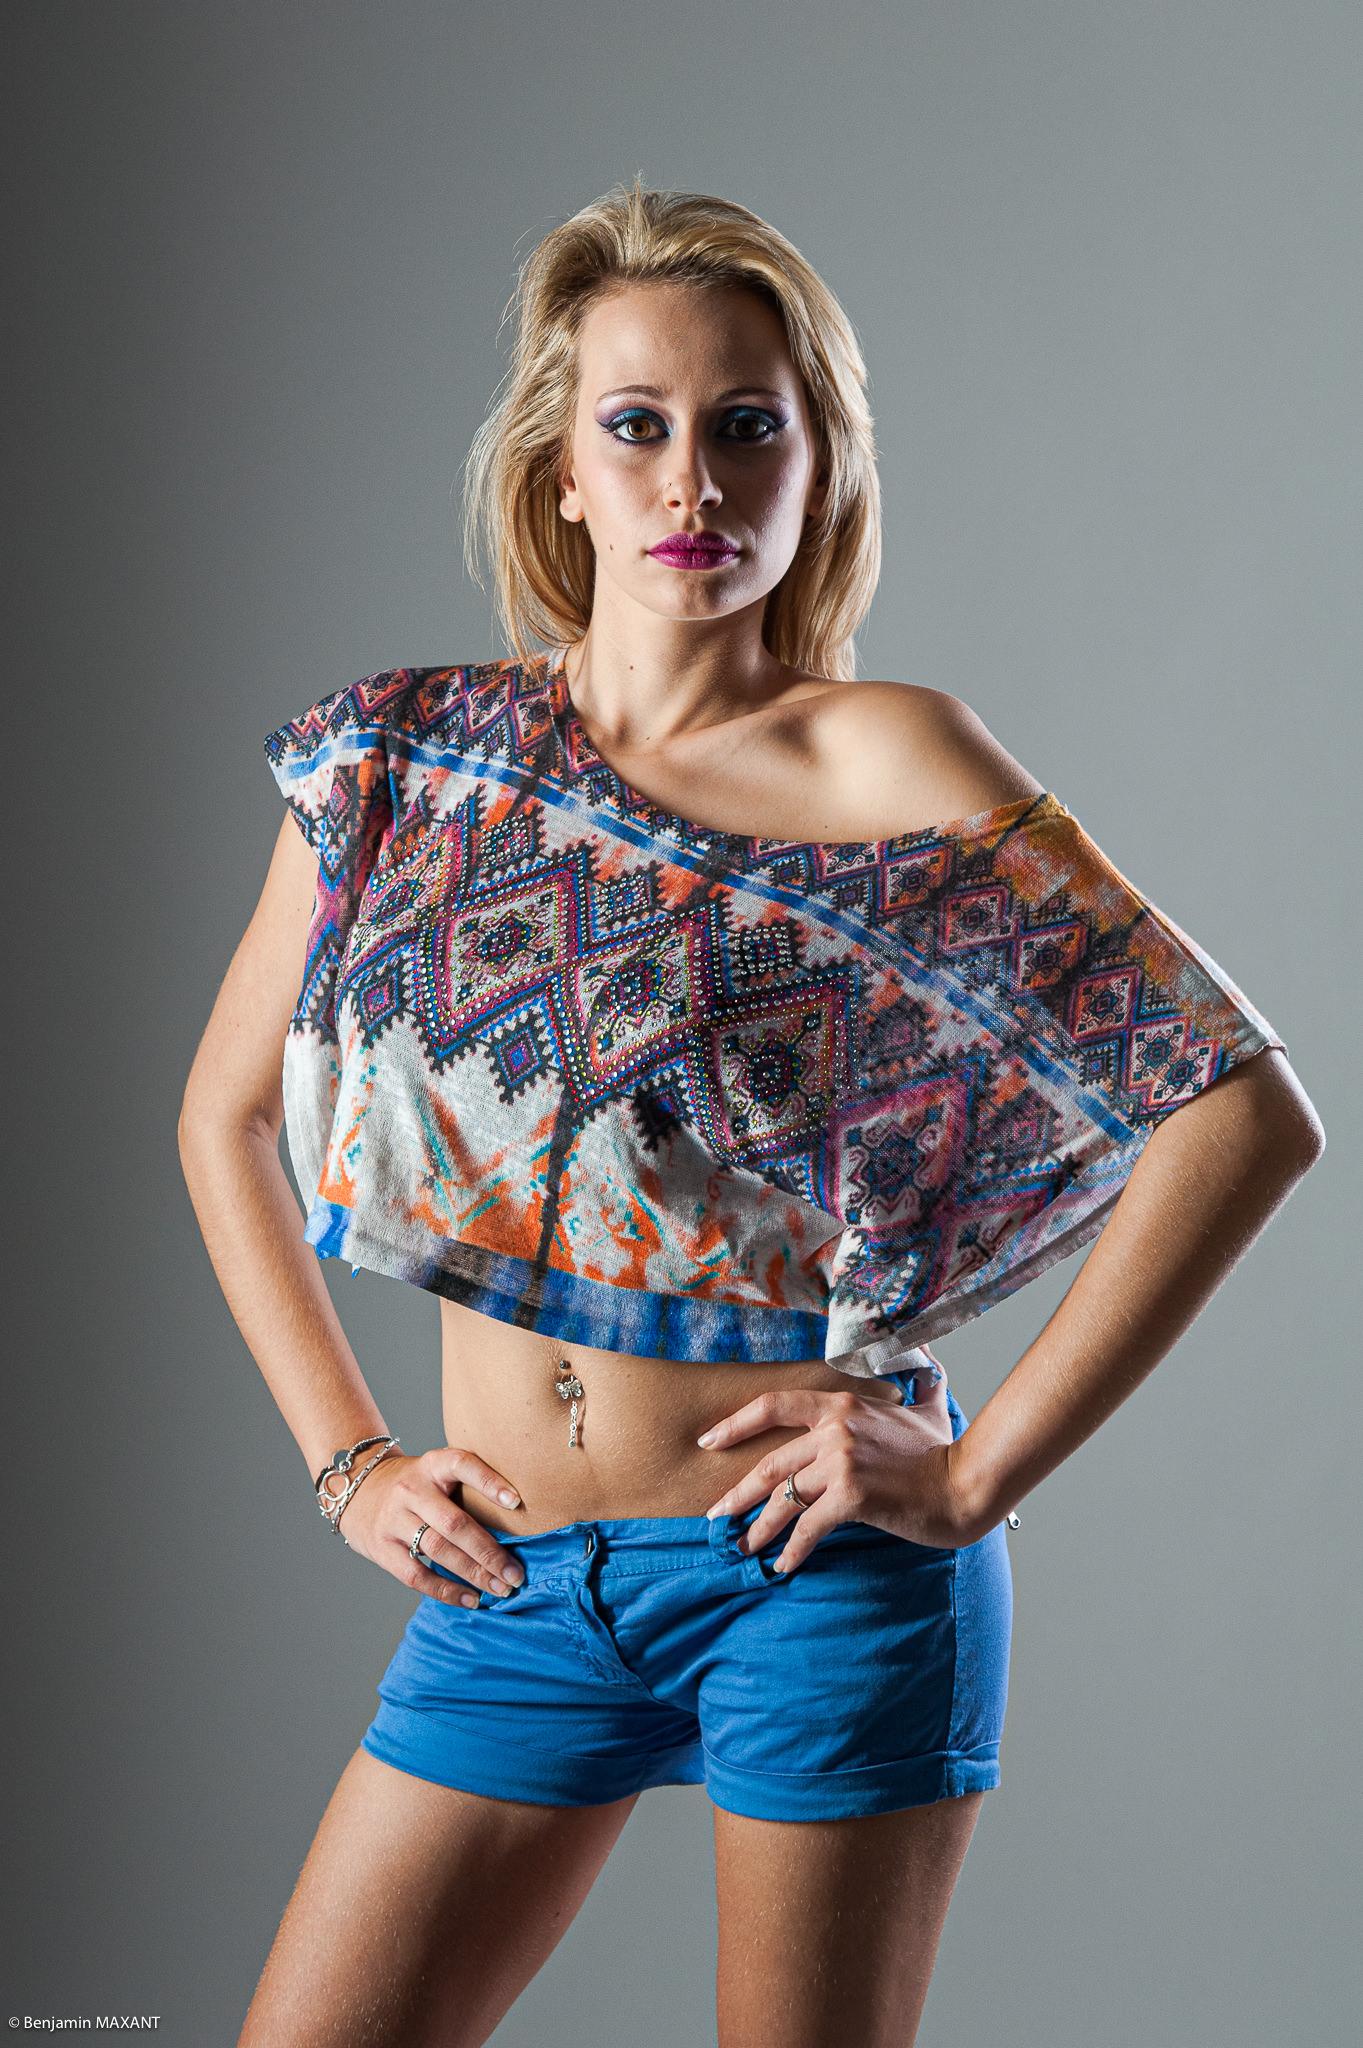 Séance photo modèle du type casual fashion estival en studio - mini short bleu et haut large court psychédelique